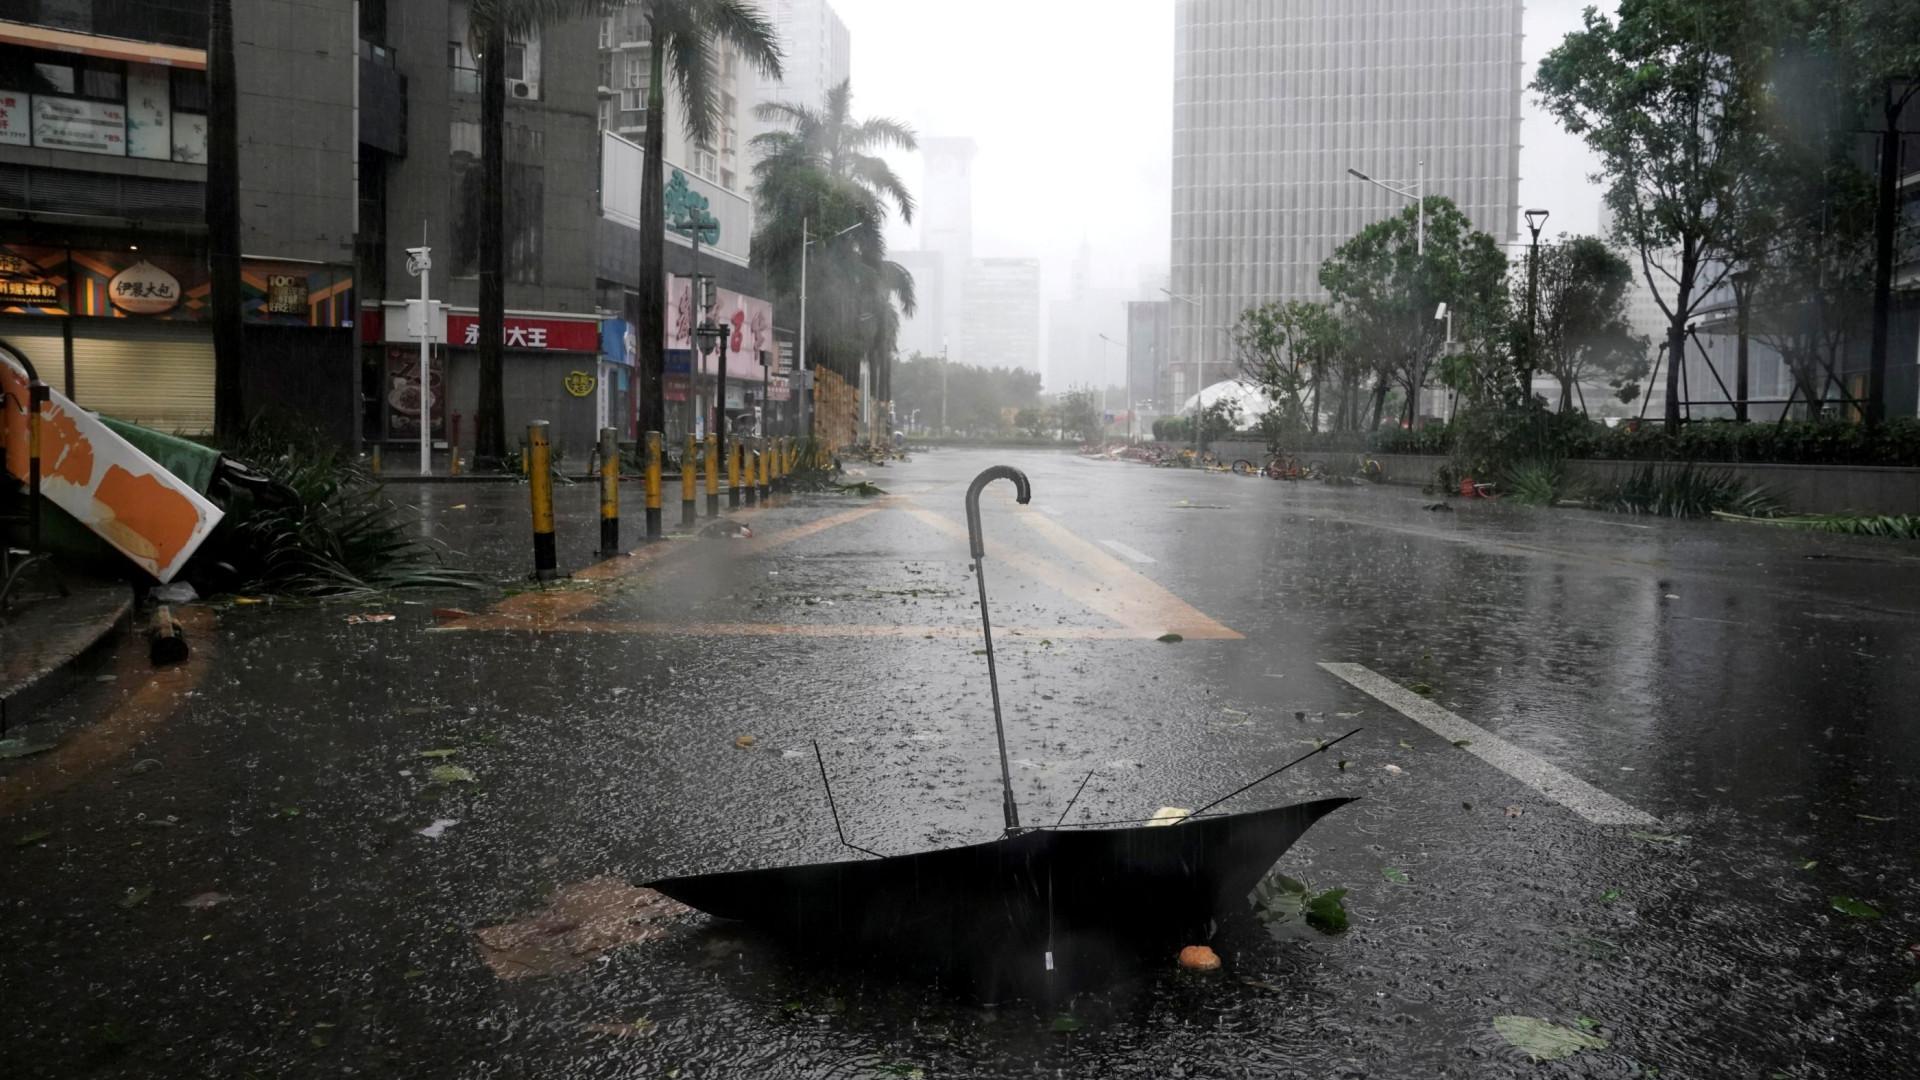 Pelo menos dois mortos no sul da China devido ao tufão Mangkhut